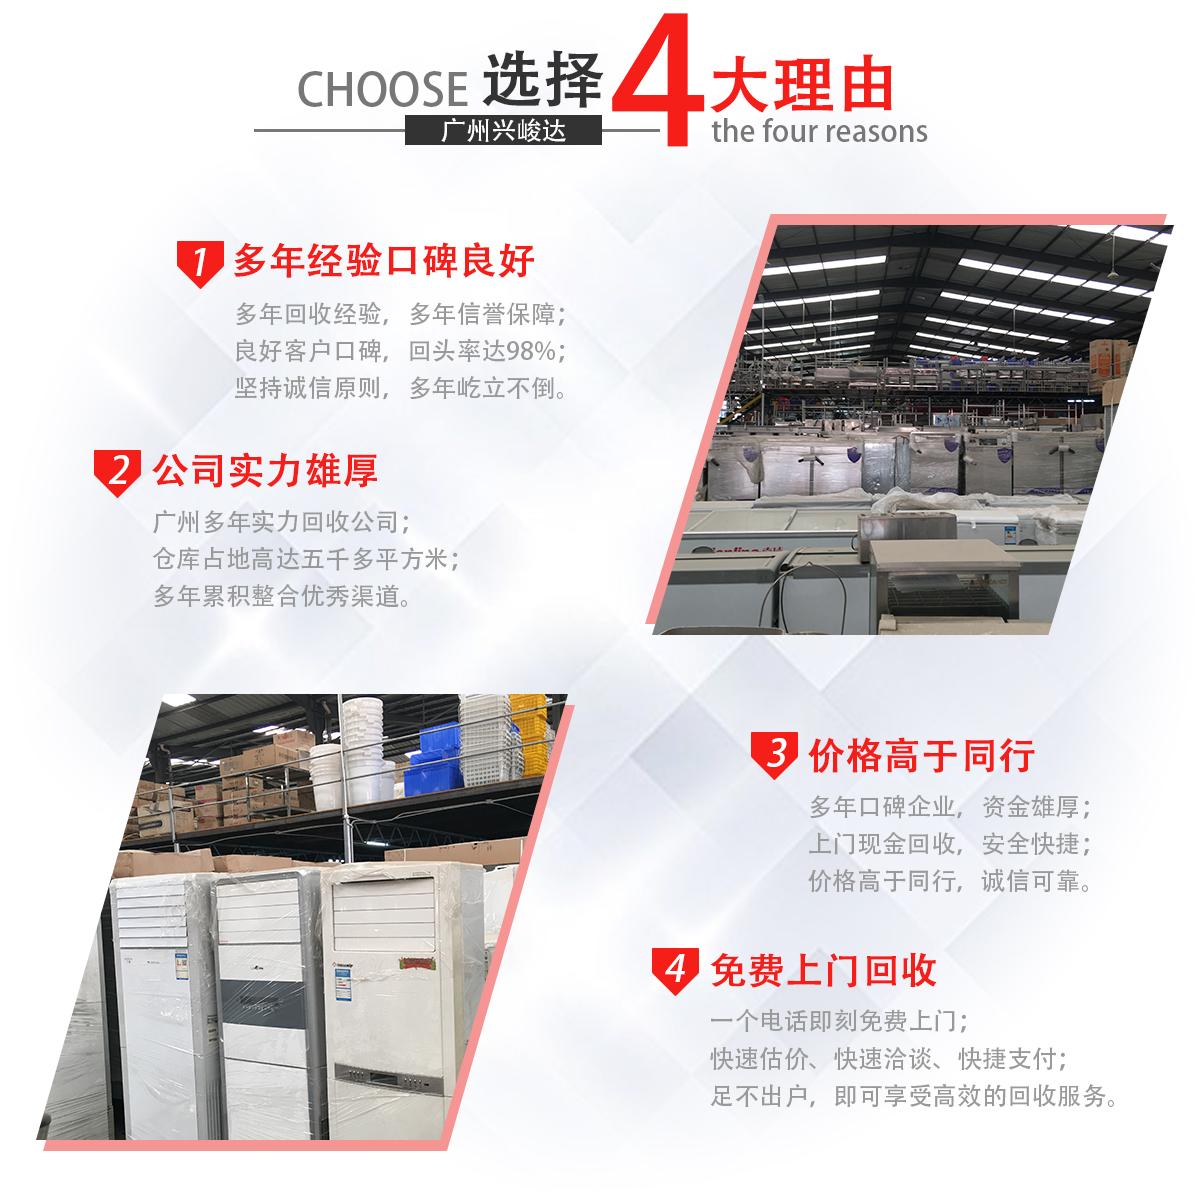 二手厨具回收|二手空调回收|电线电缆回收